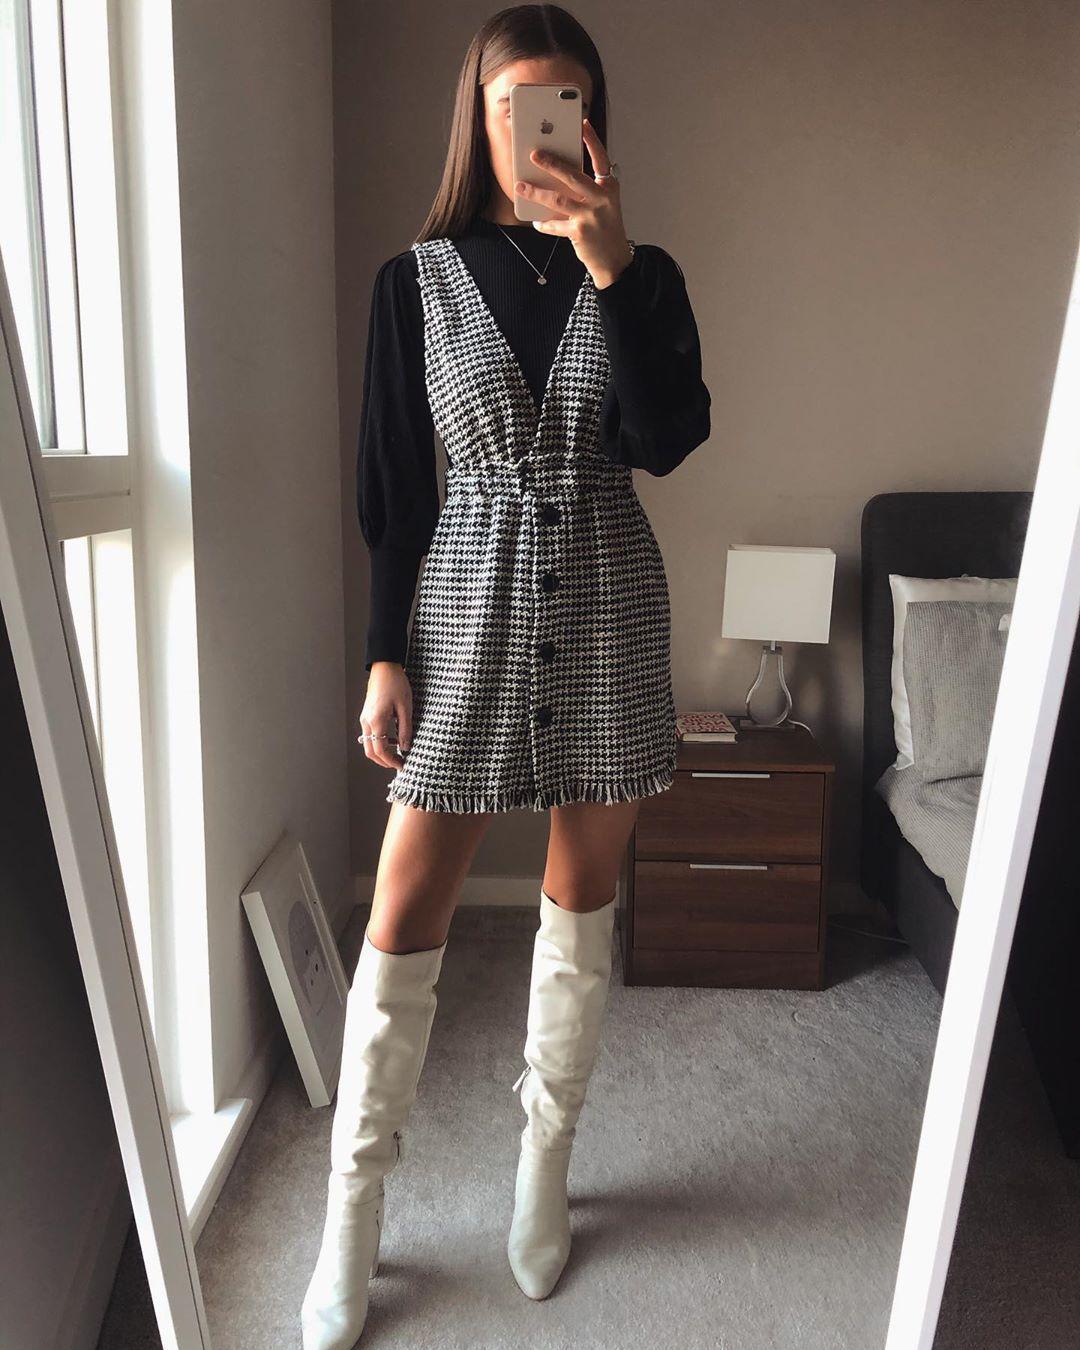 tweed bib overalls dress de Zara sur whatemwore